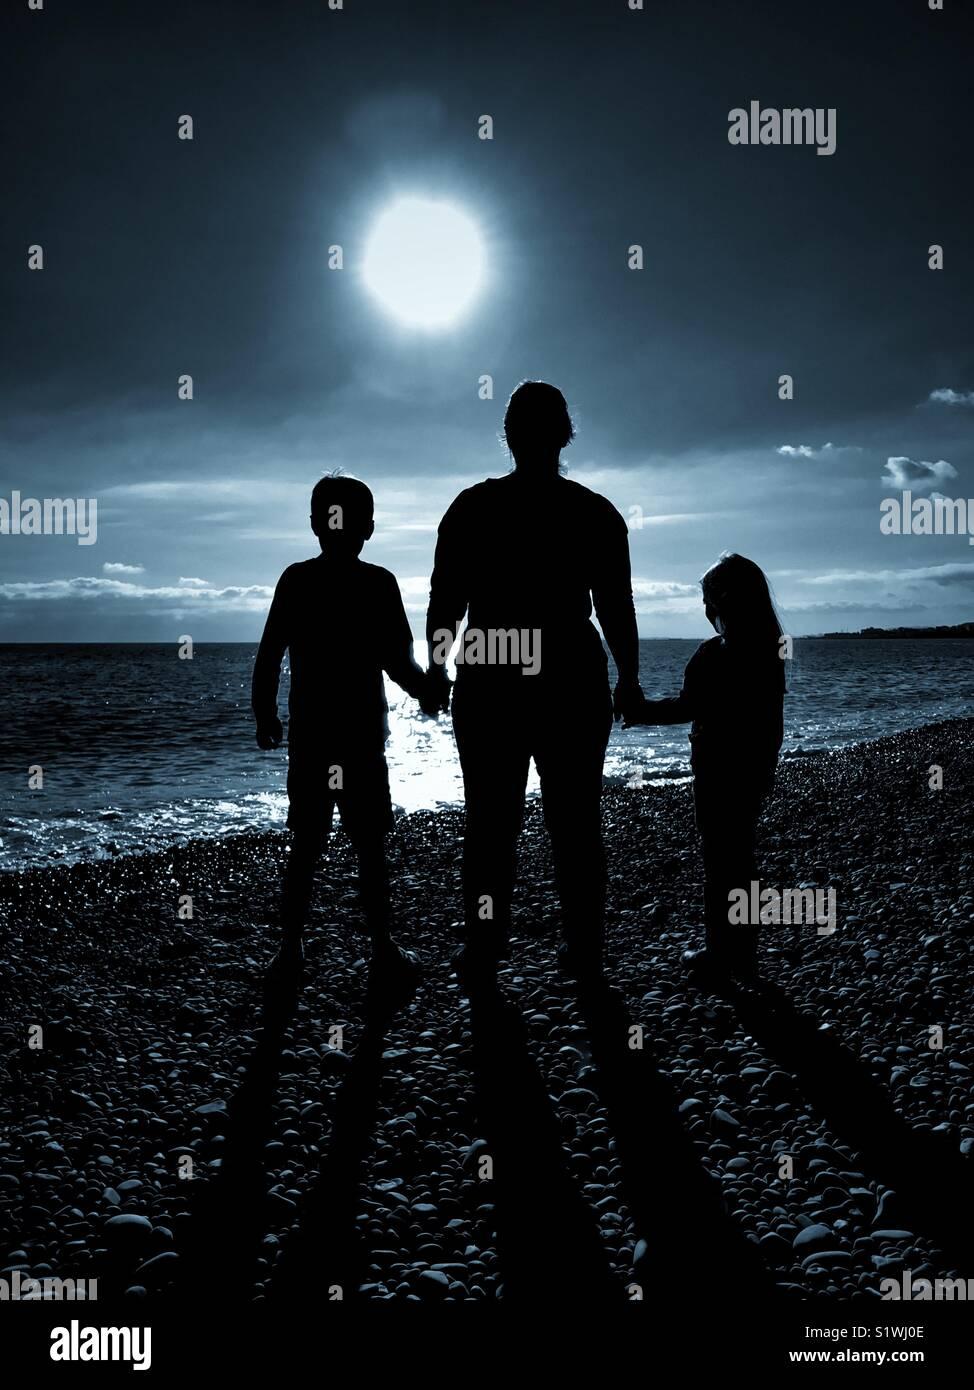 Le sagome di 3 persone - una madre tiene le mani dei suoi 2 figli come essi tutti guardare avanti verso una luce Immagini Stock